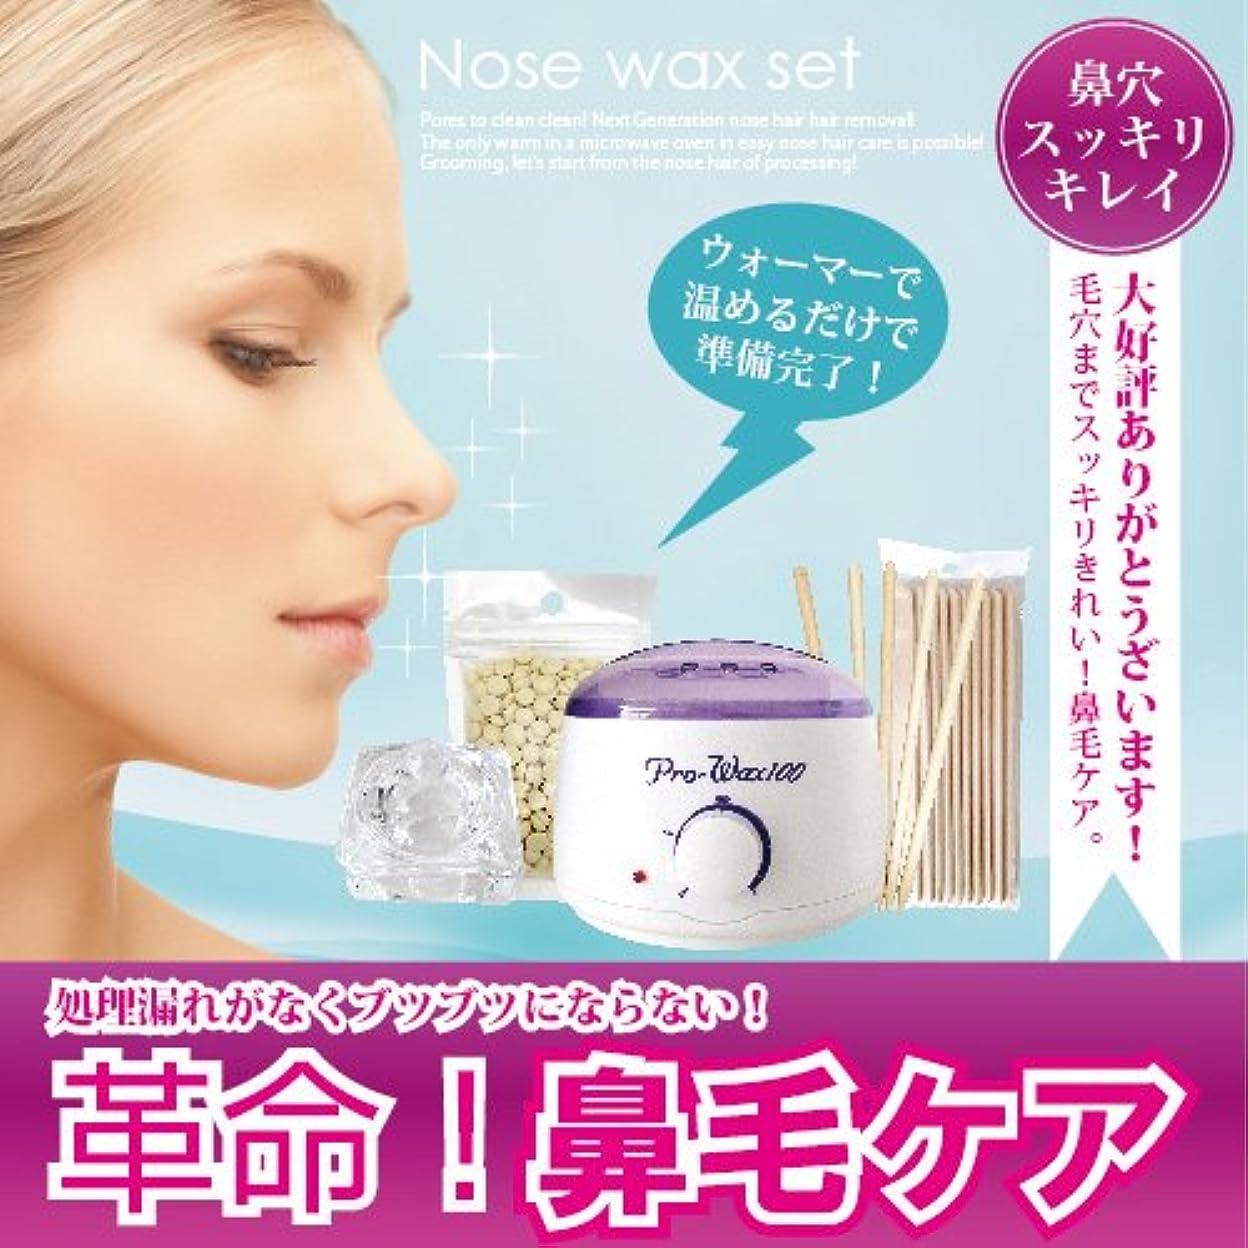 不幸尋ねるすばらしいですブラジリアンワックス Nose wax setウォーマー付ノーズワックス鼻毛ケアセット(約12回分)